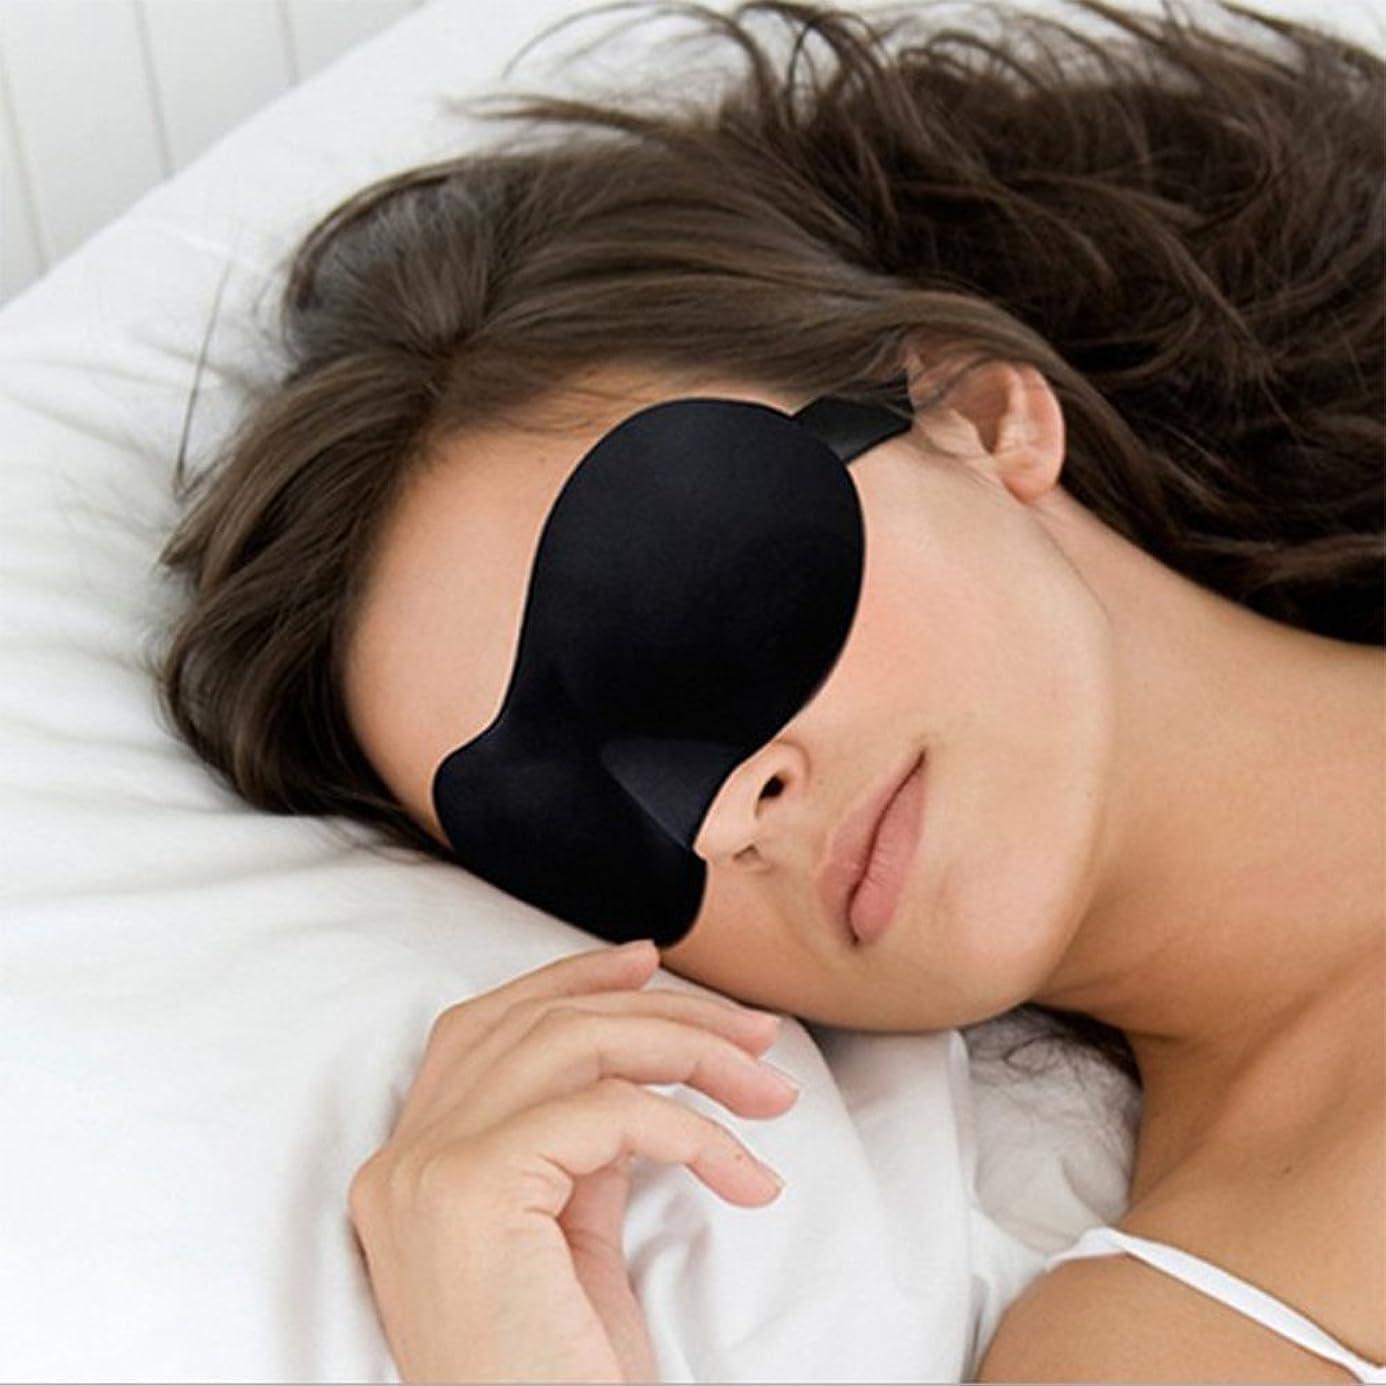 側面退化するジュニアNOTE 調節可能な3D輪郭のアイマスクスリープマスク軽量で快適なスーパーソフト、シフトワーク、ナップス、ナイトブラインドフォールドアイシェード